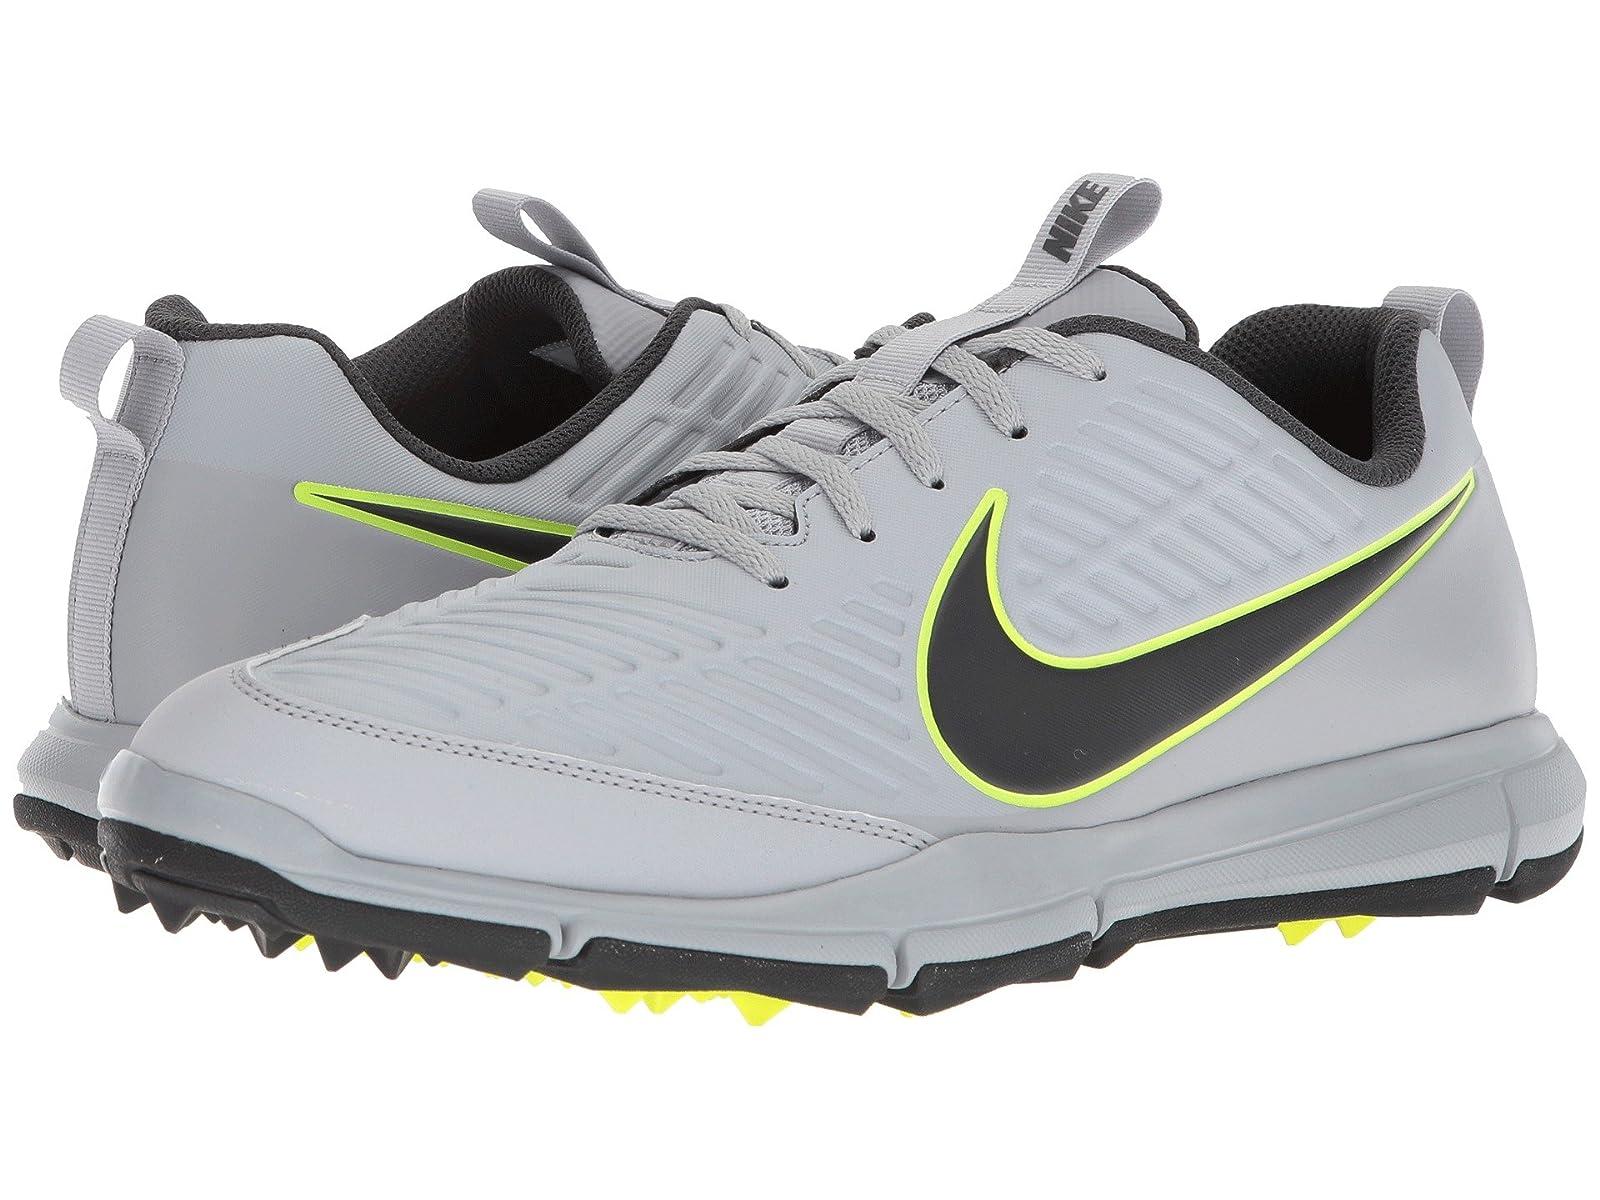 Nike Golf Explorer 2Atmospheric grades have affordable shoes